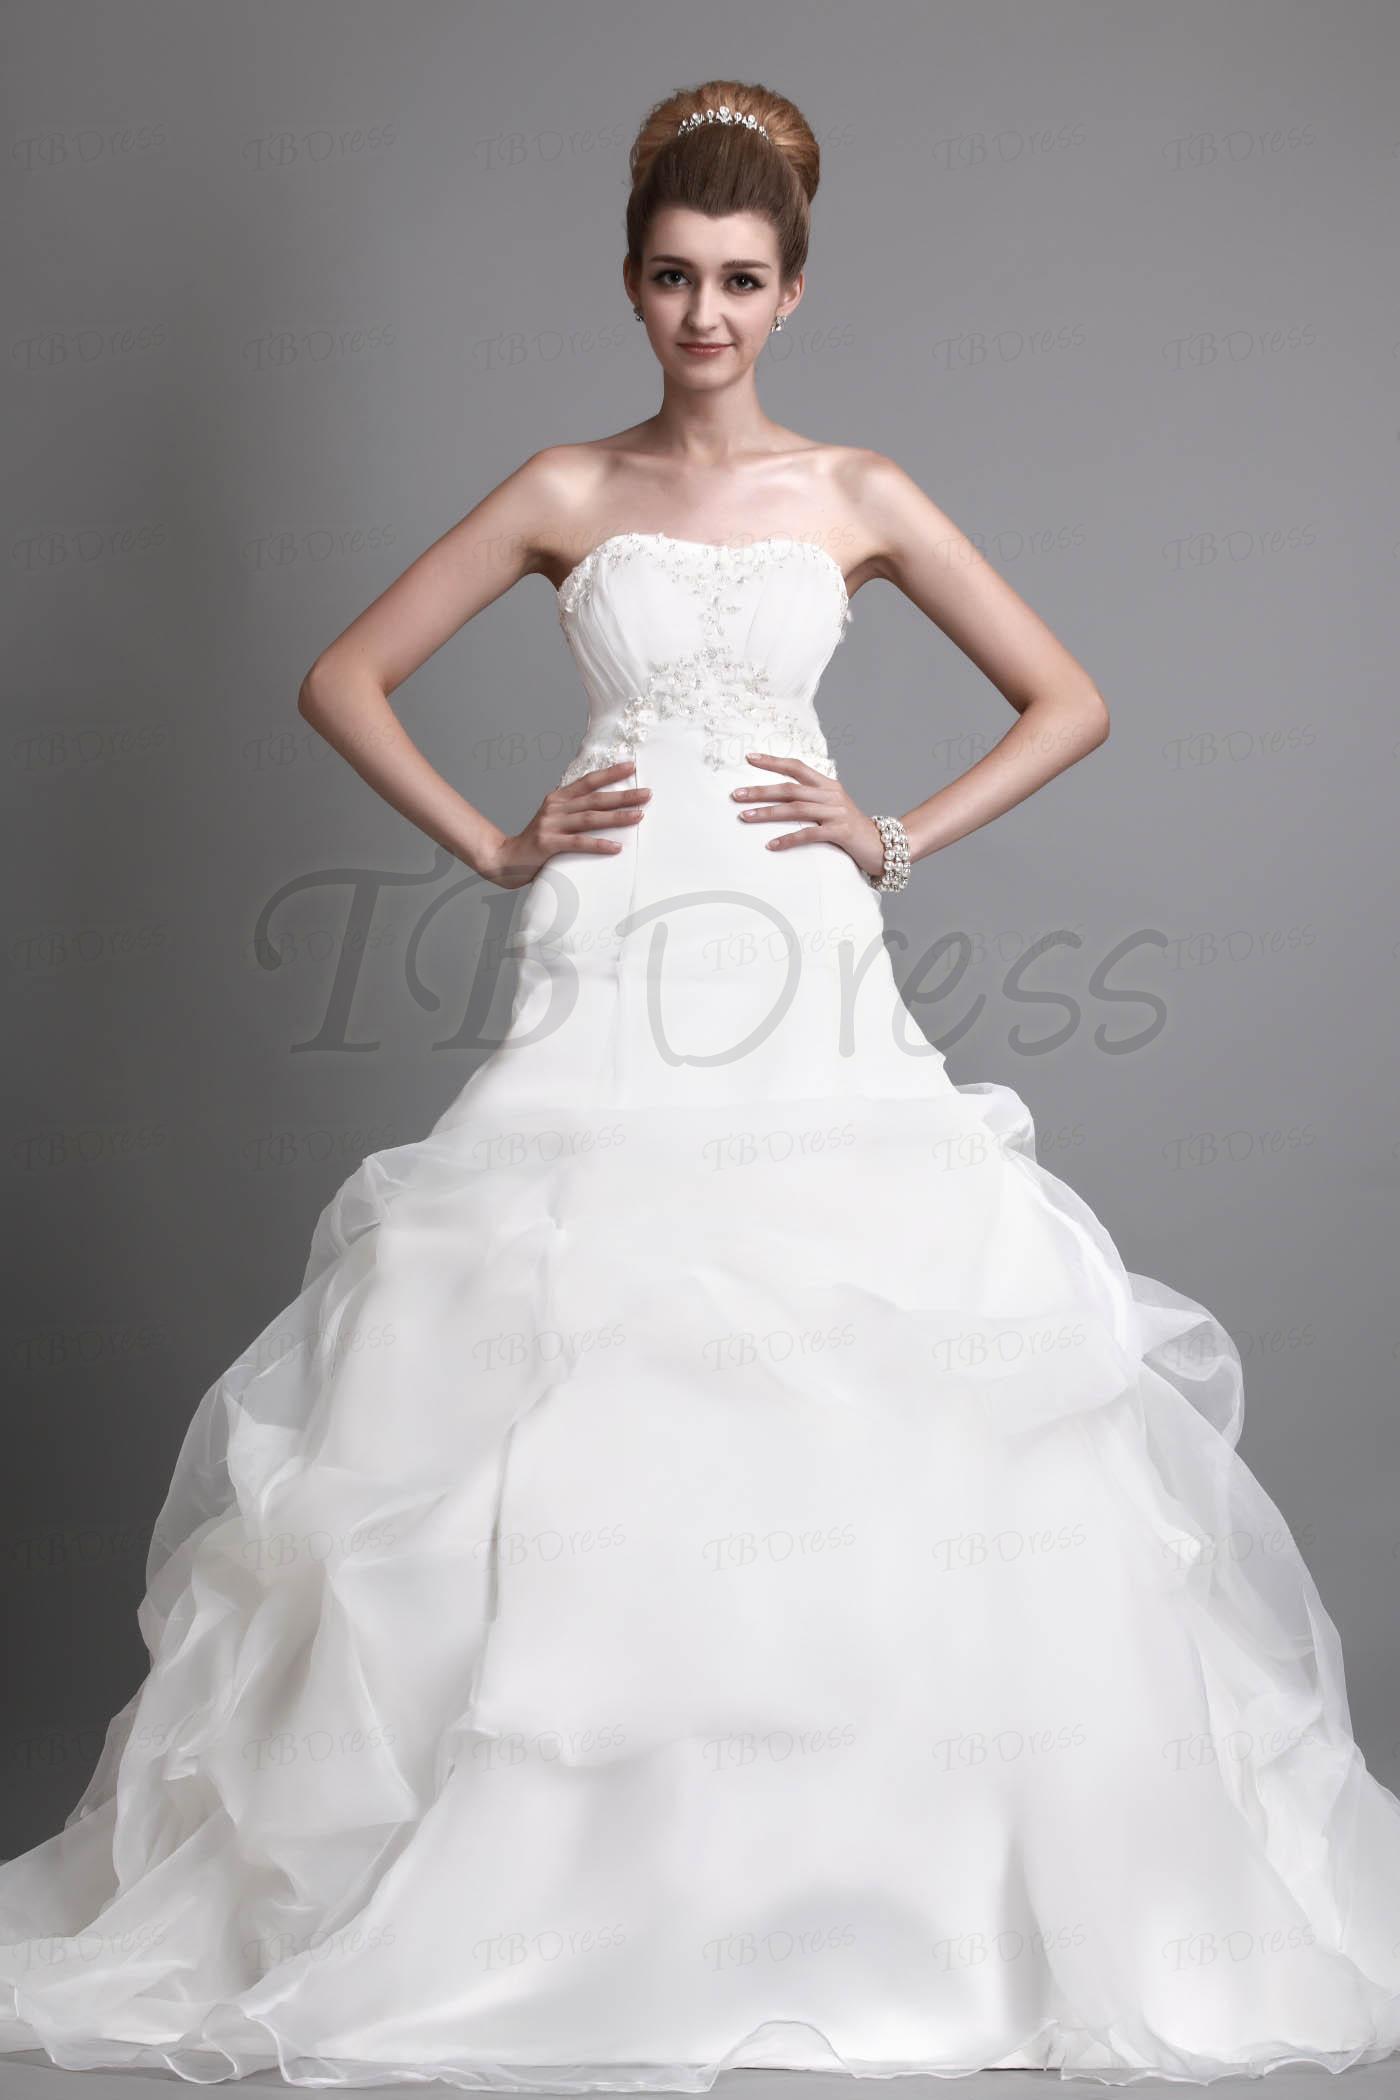 أجمل فستان للزفاف - صور فساتين زفاف 2013_1374706654_675.